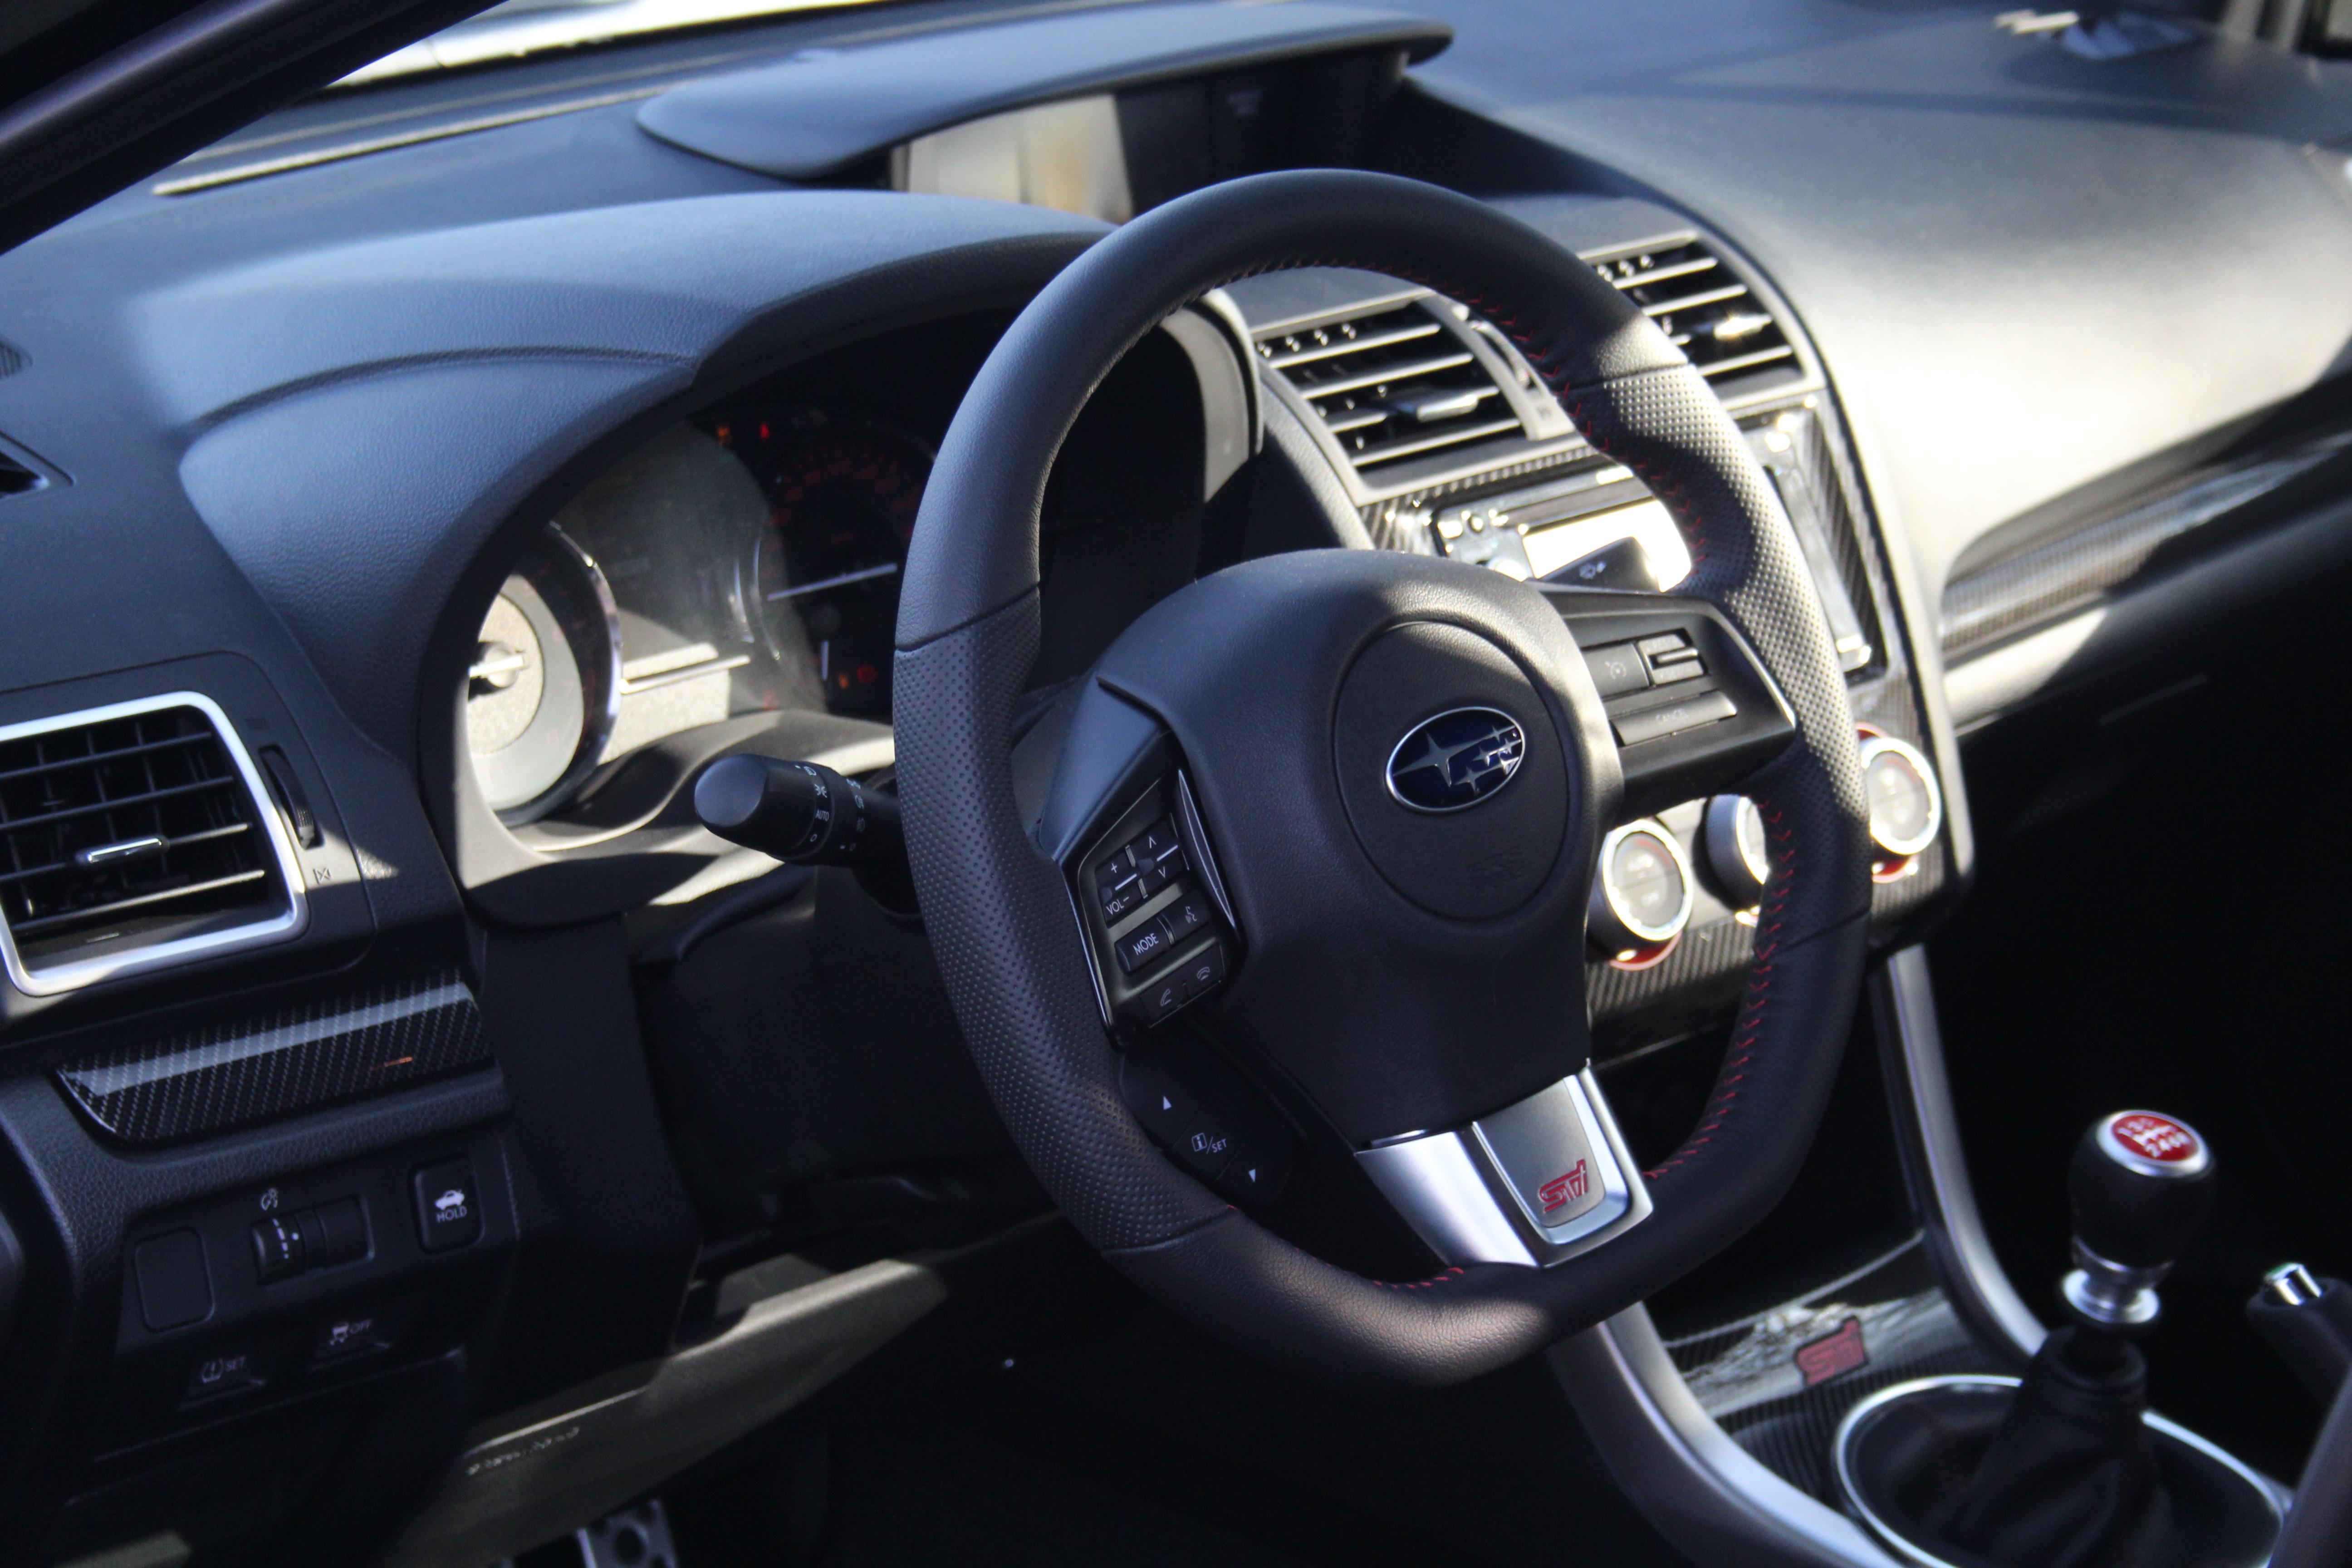 Test Subaru Wrx Sti 2016 Na Pln Plyn Auto Journal